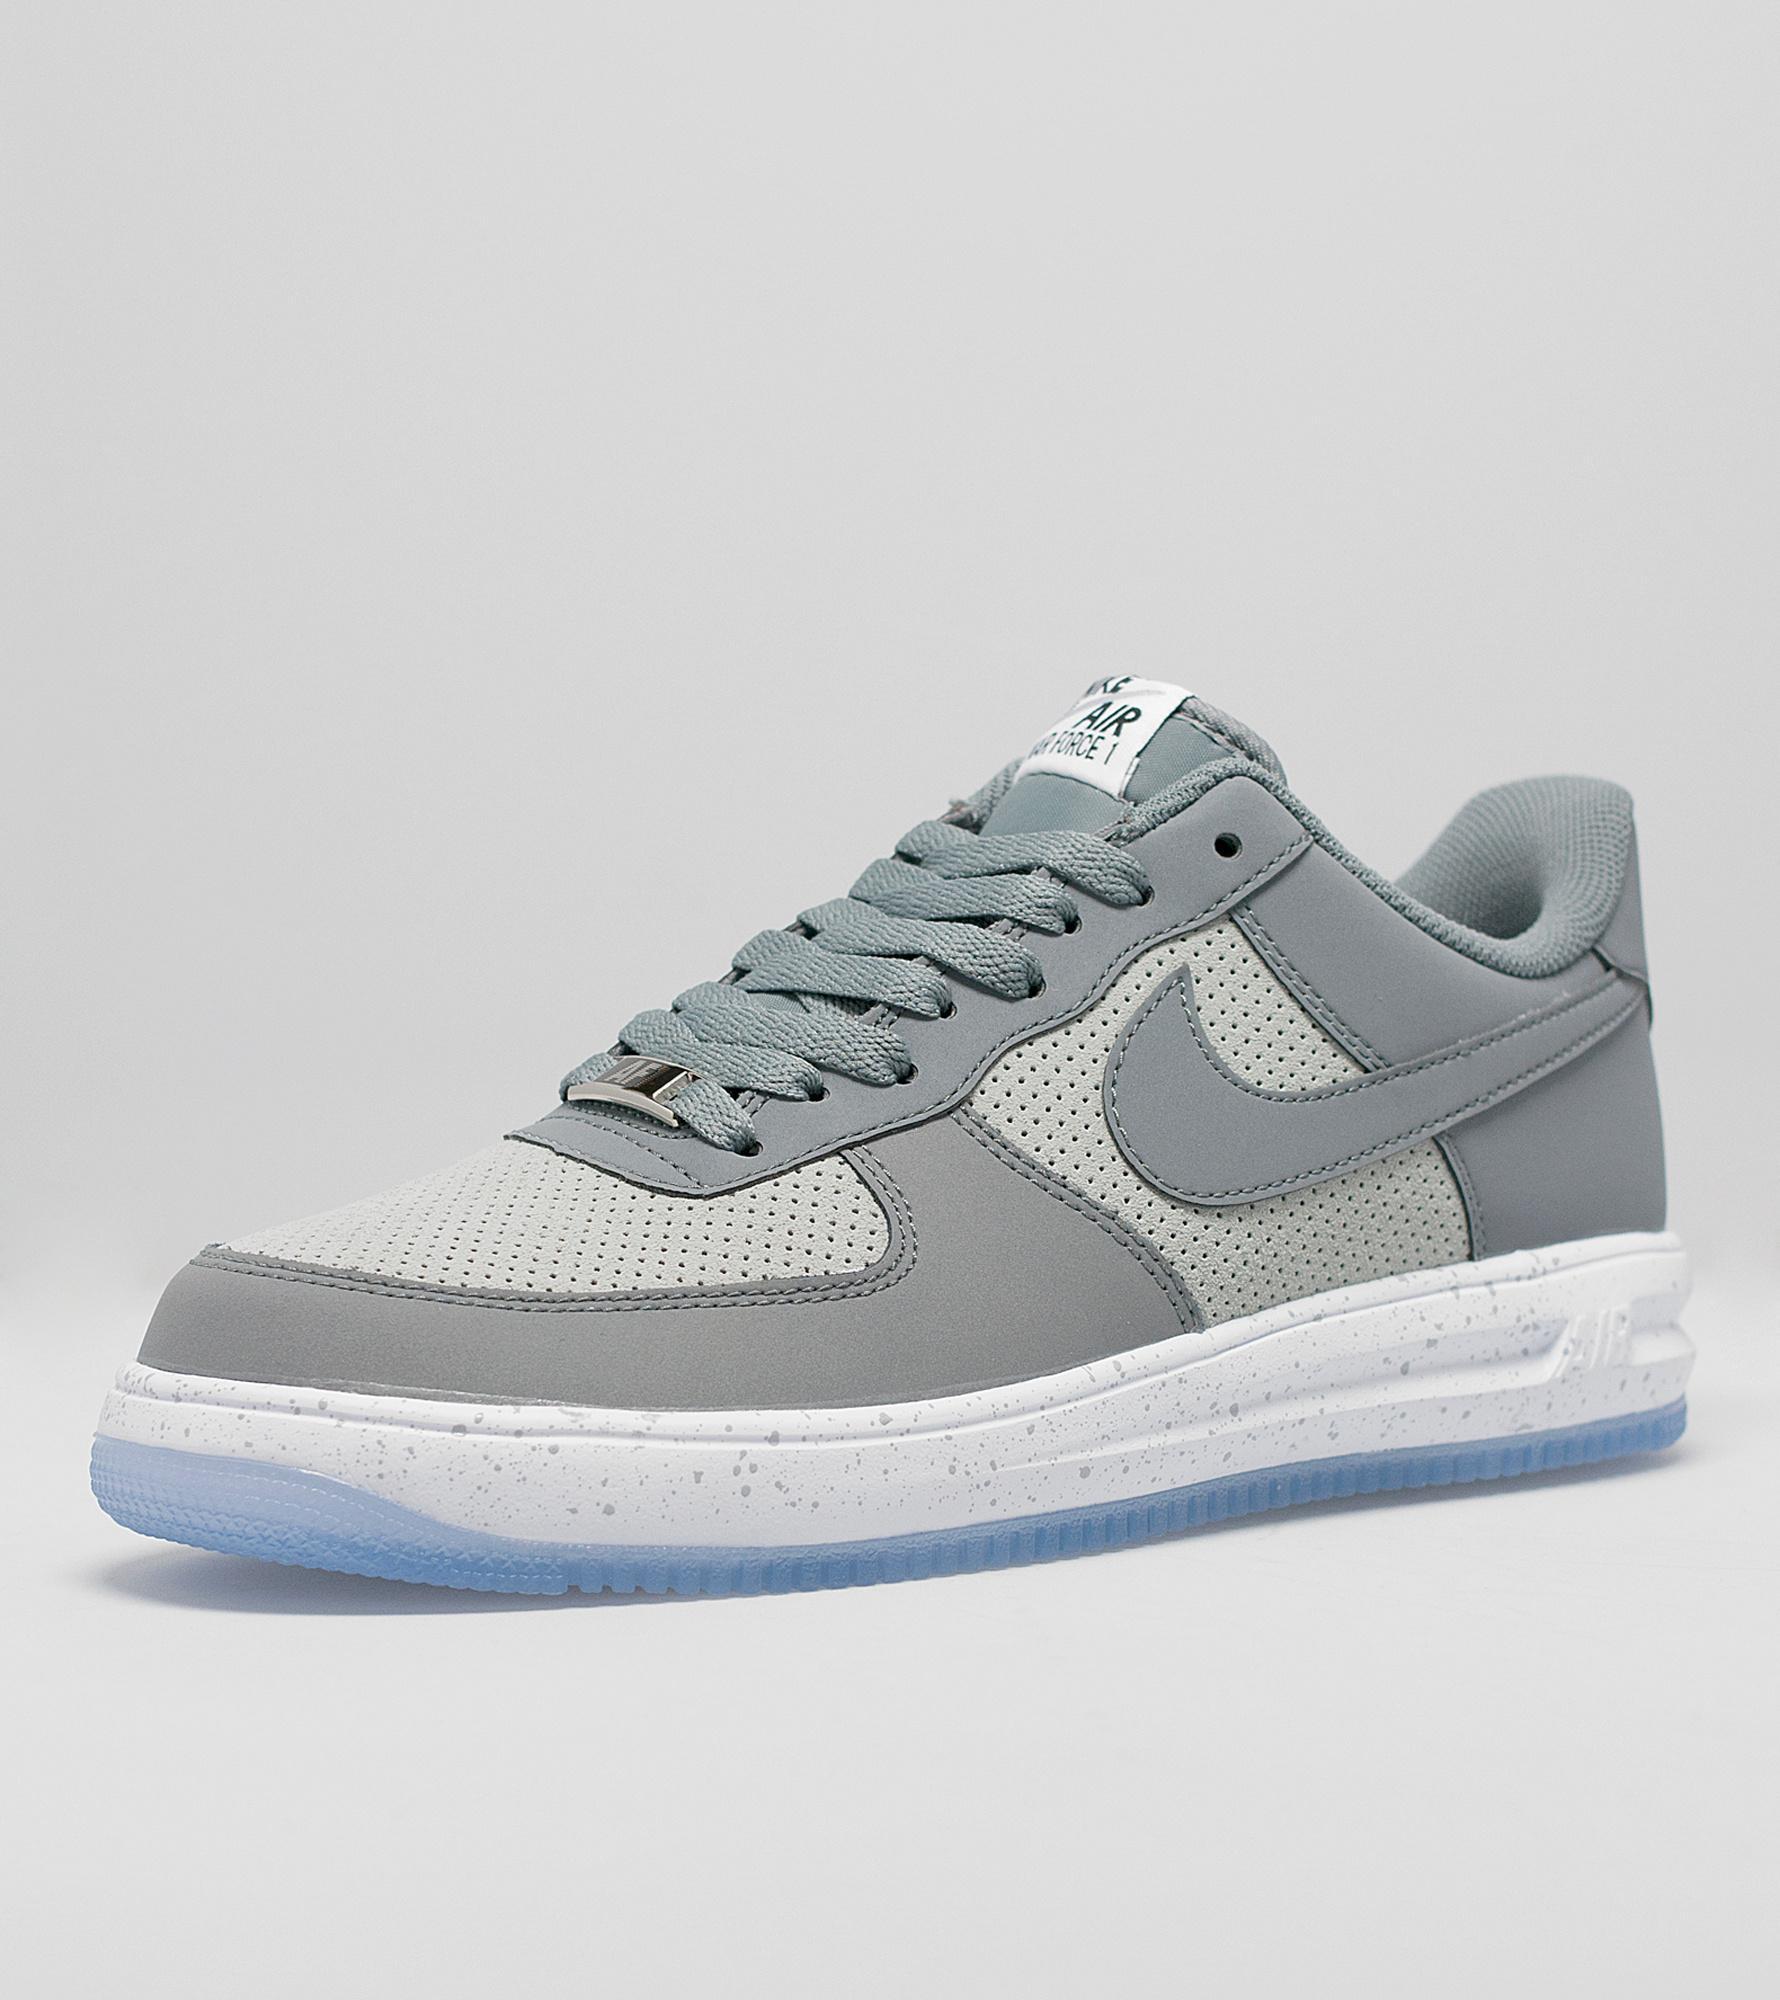 Nike Lunar Force 1 Grey